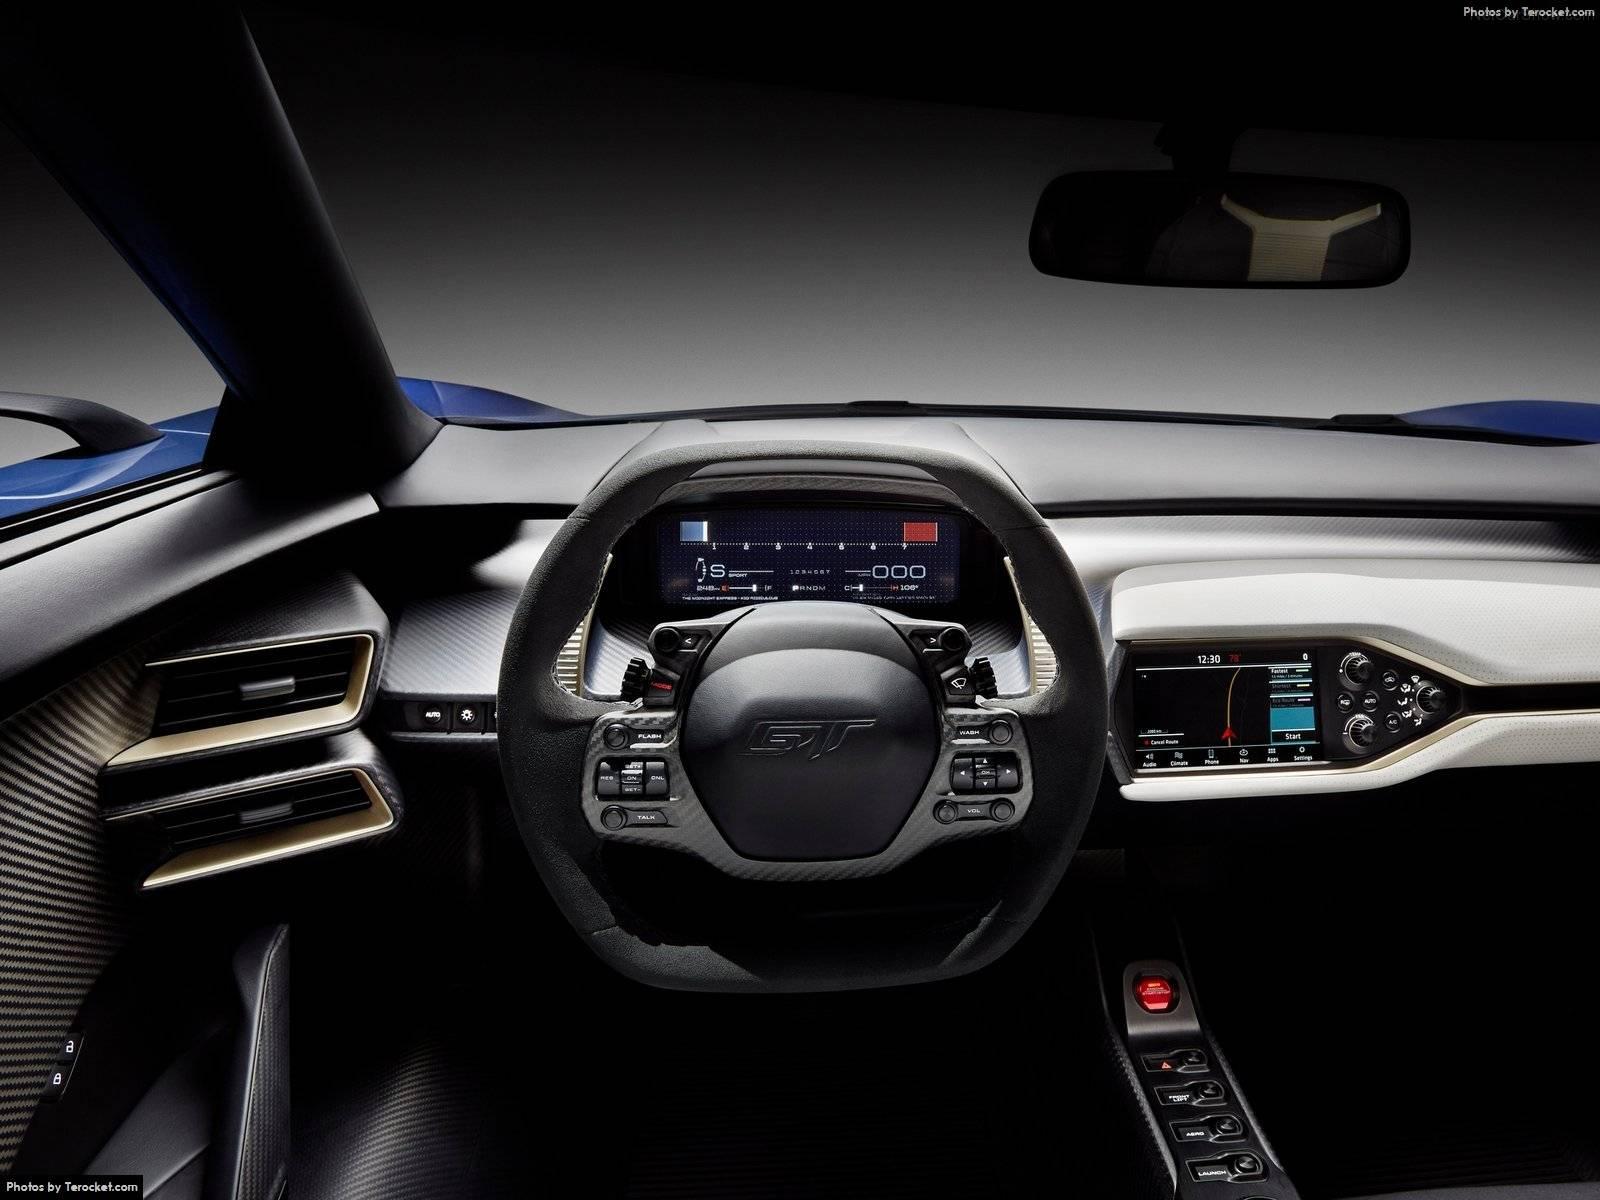 Hình ảnh xe ô tô Ford GT 2017 & nội ngoại thất